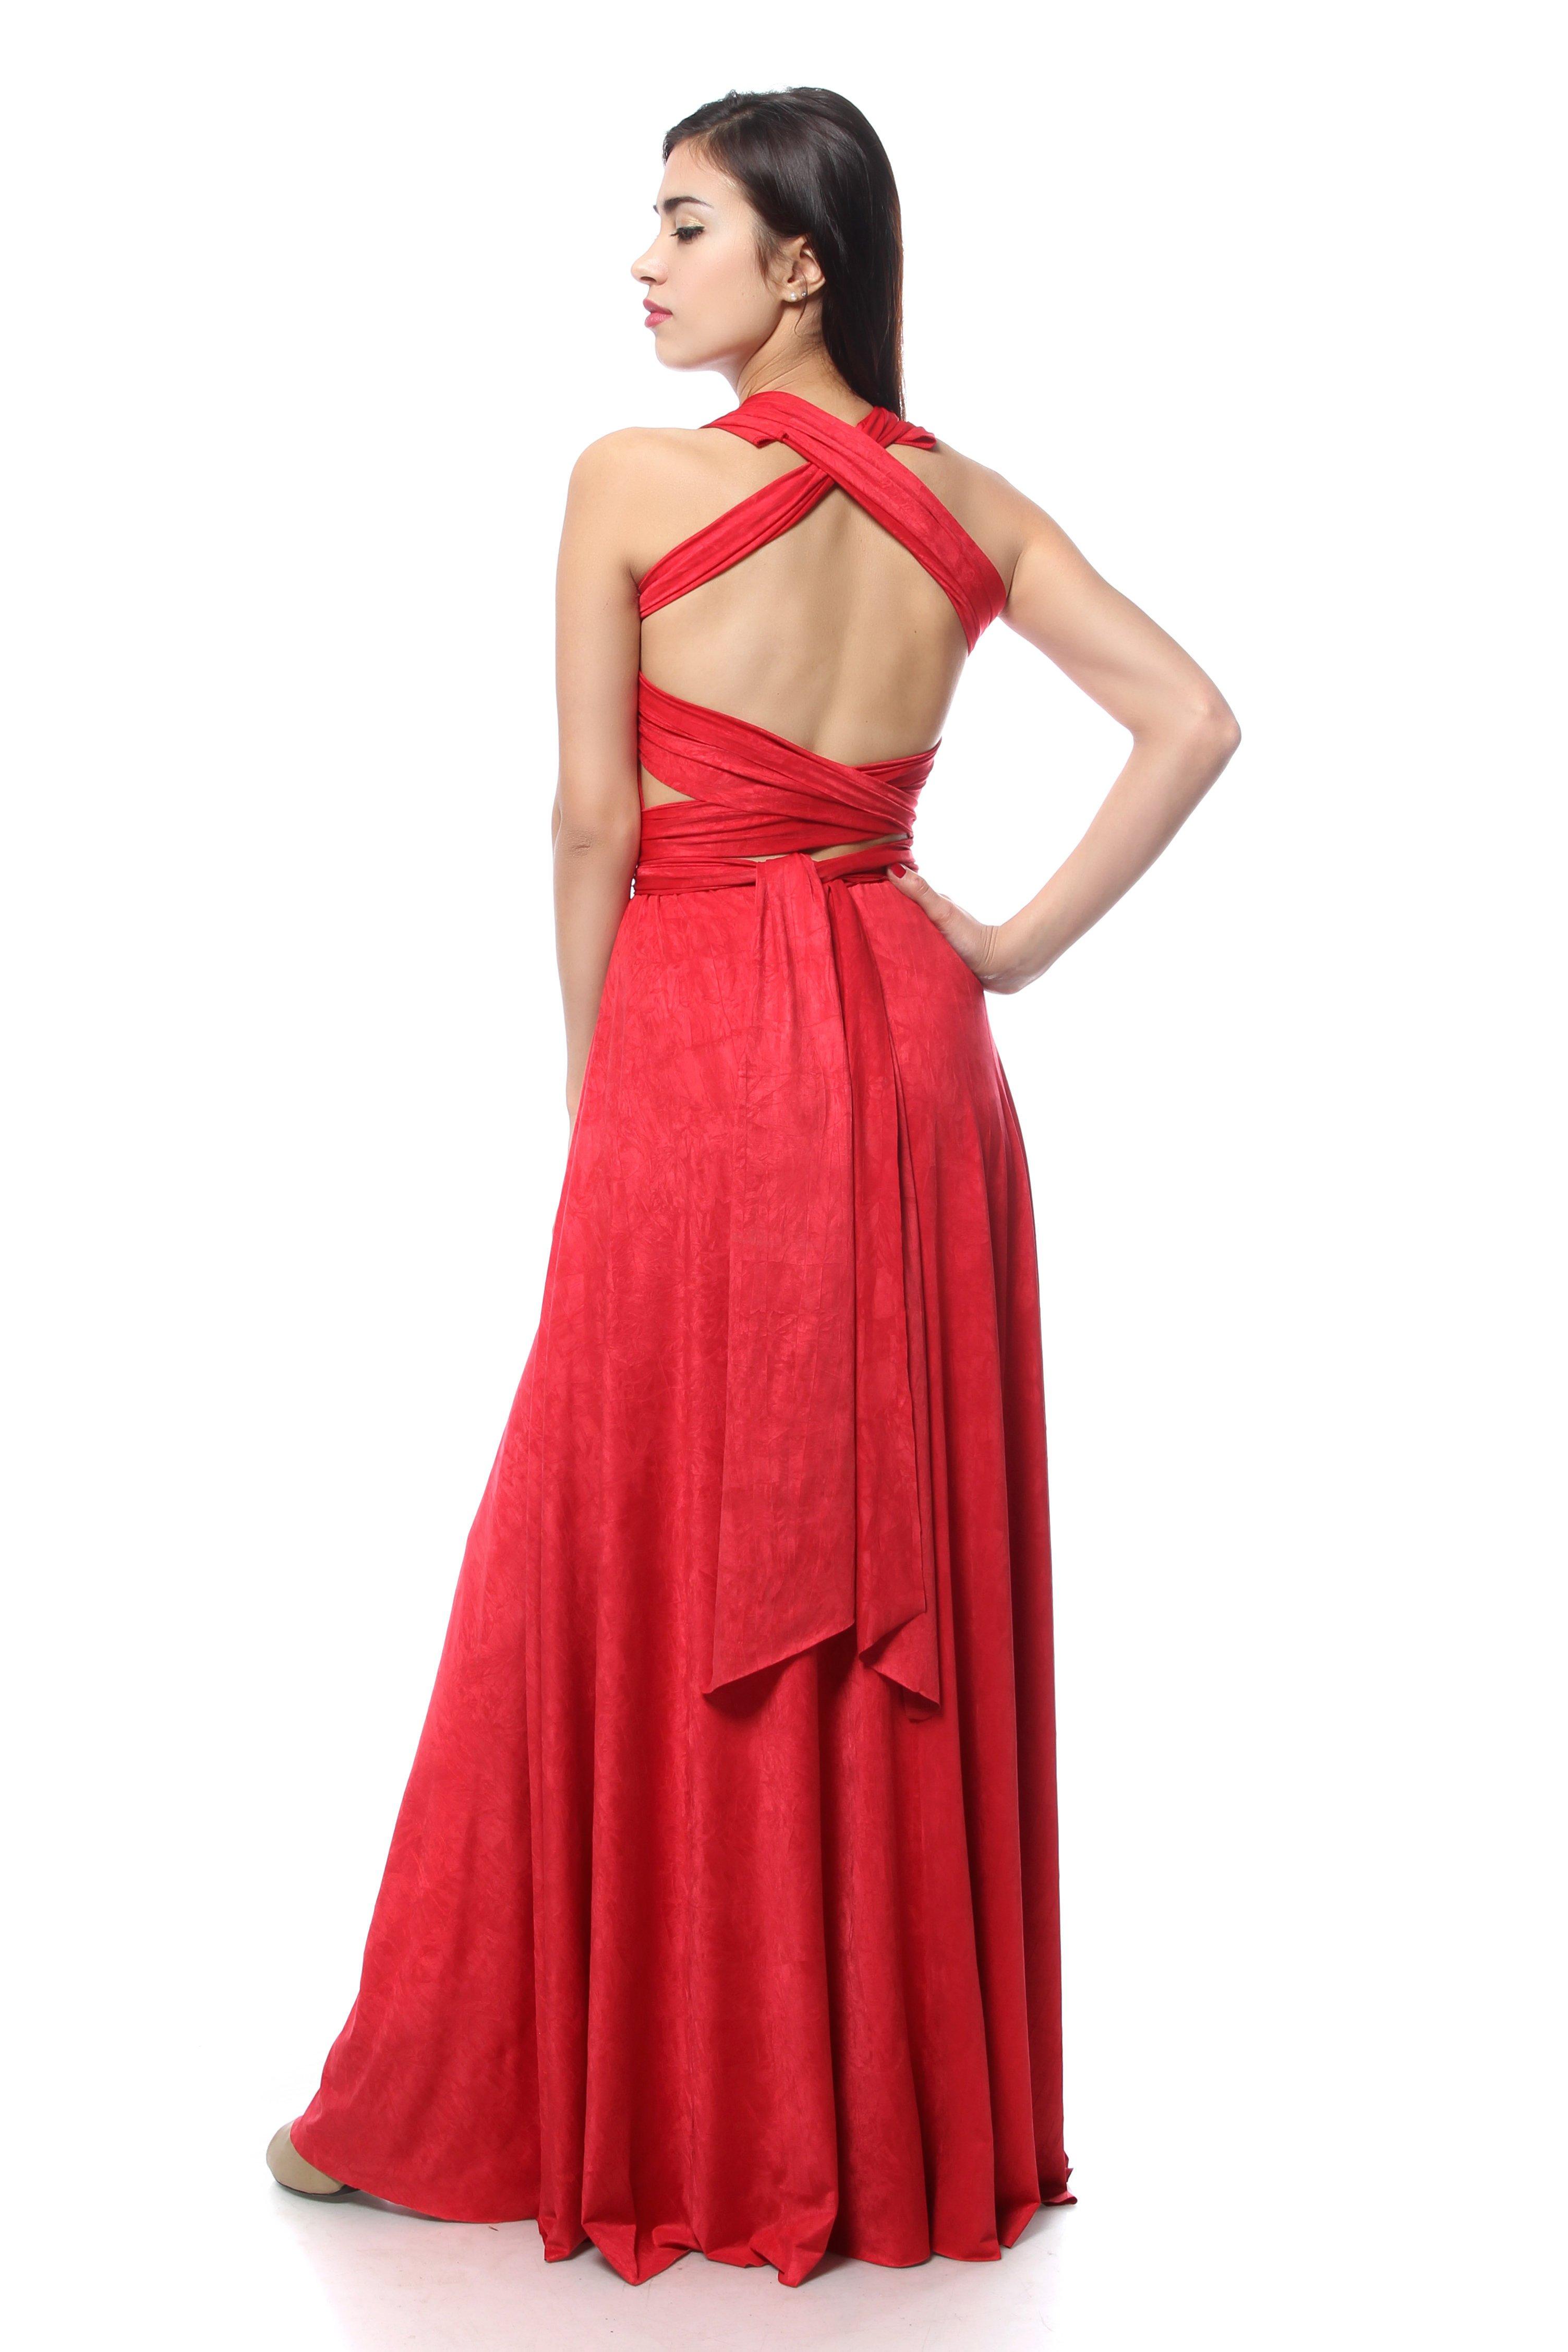 kak-nosit-plate-transformer-foto_29 Платье трансформер: варианты вечерних платьев. Как сшить платье со съемной юбкой своими руками?